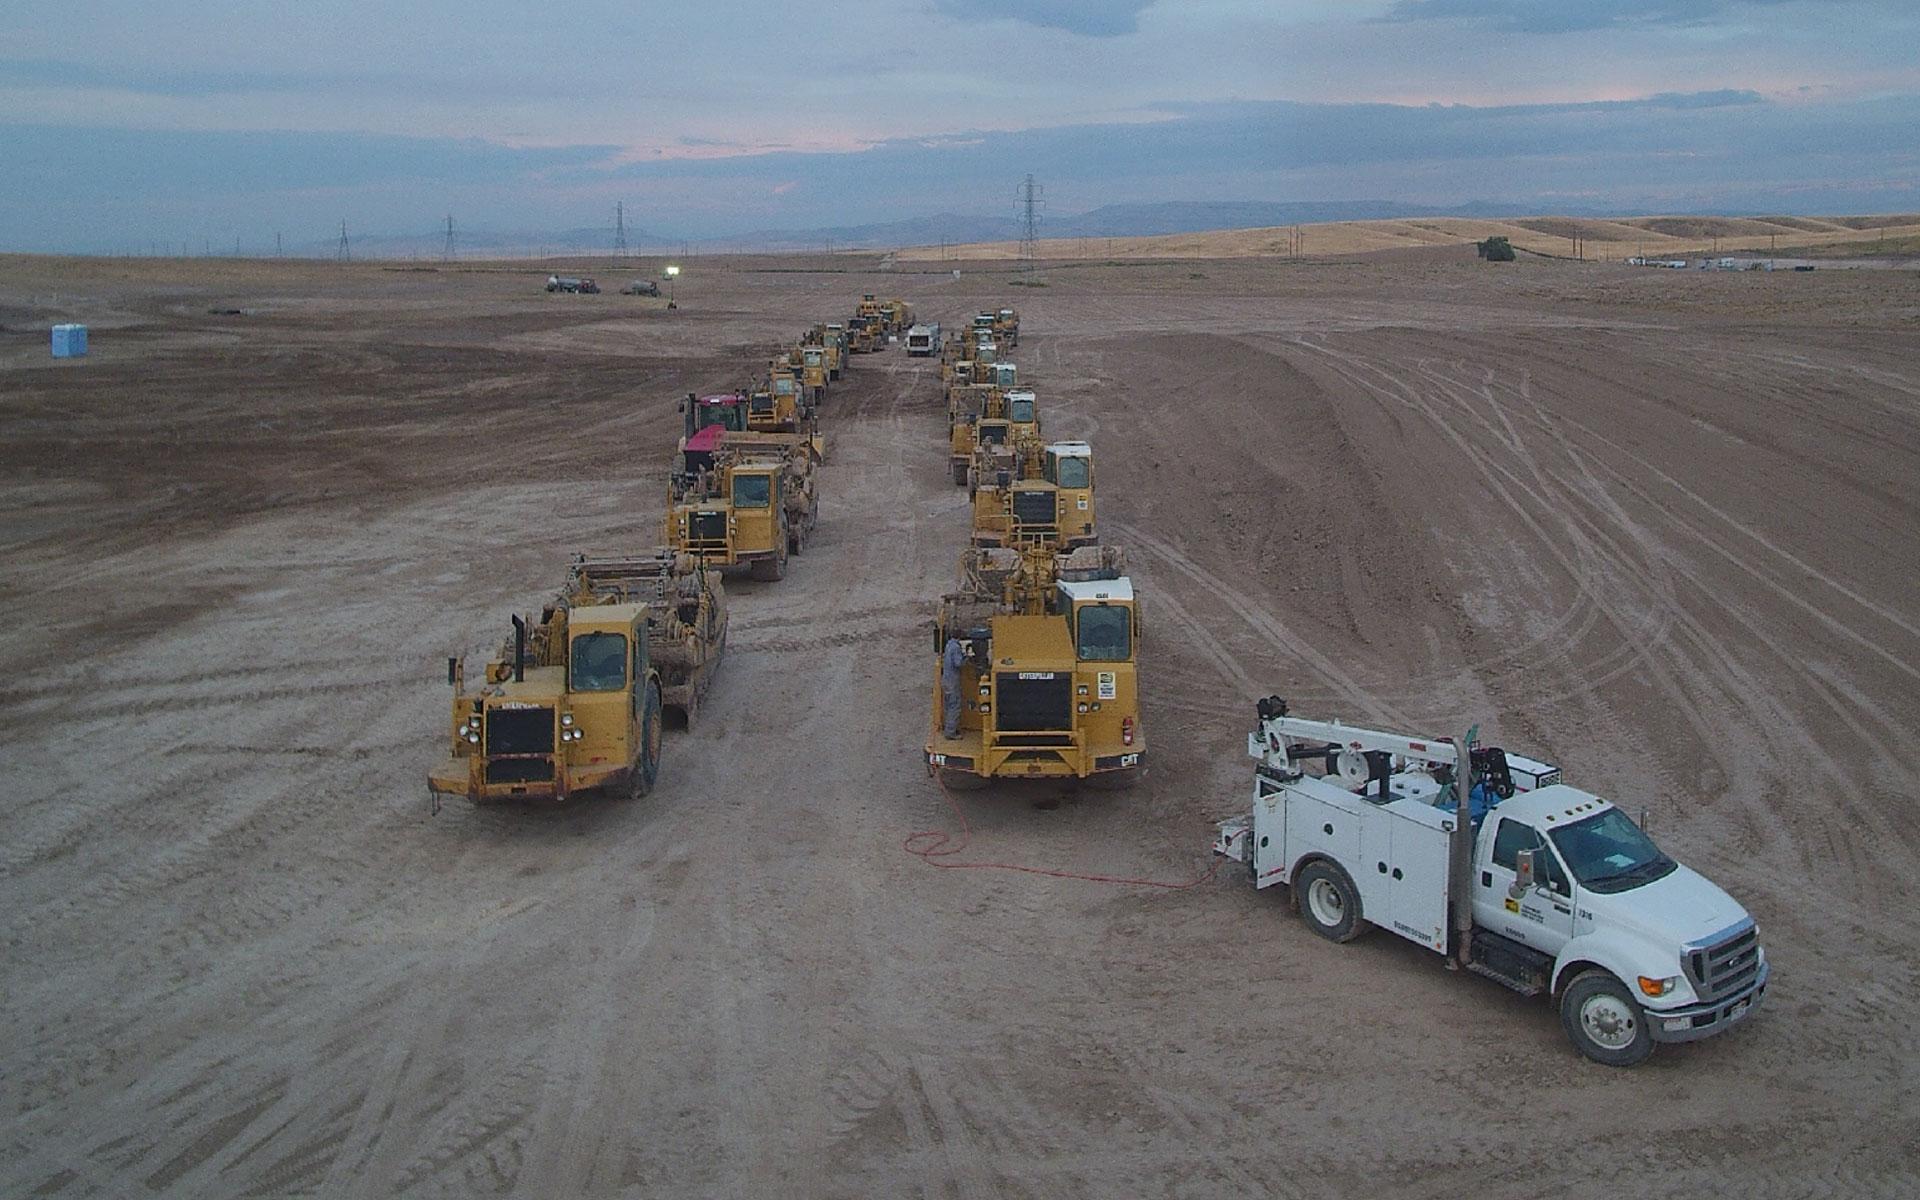 Fleet of tractors on dirt job site